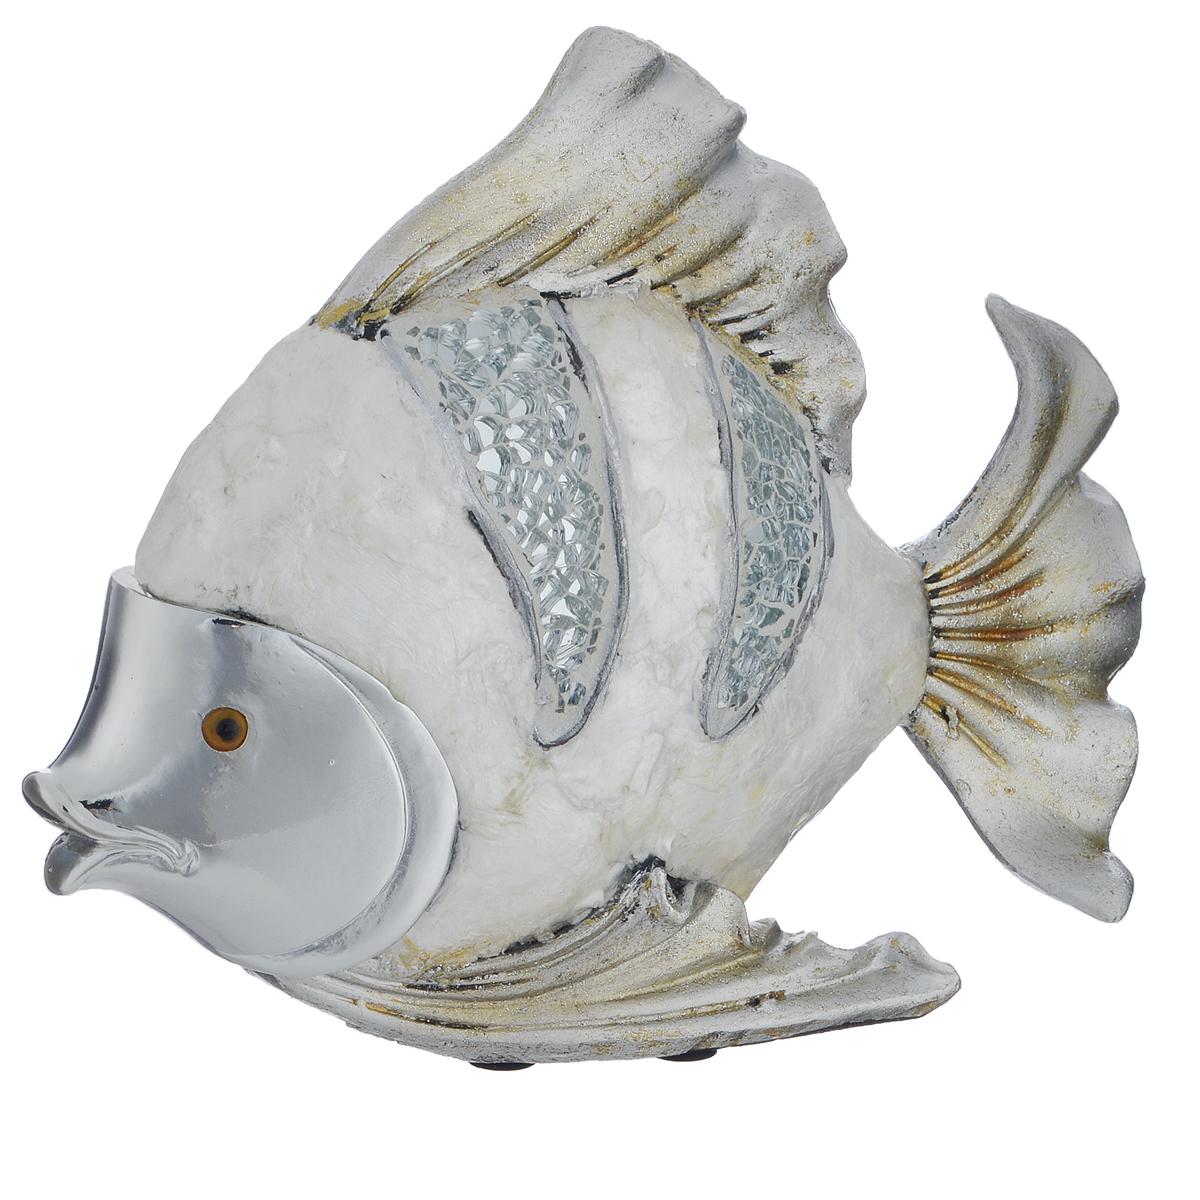 Фигурка декоративная Molento Серебристая рыба, высота 15 см549-187Декоративная фигурка Molento Серебристая рыба, изготовленная из полистоуна и украшенная зеркальной россыпью, выполнена в виде рыбы. Такая фигурка станет отличным дополнением к интерьеру.Вы можете поставить фигурку в любом месте, где она будет удачно смотреться, и радовать глаз. Кроме того, фигурка Серебристая рыба станет чудесным сувениром для ваших друзей и близких. Размер фигурки: 19 см х 5 см х 15 см.